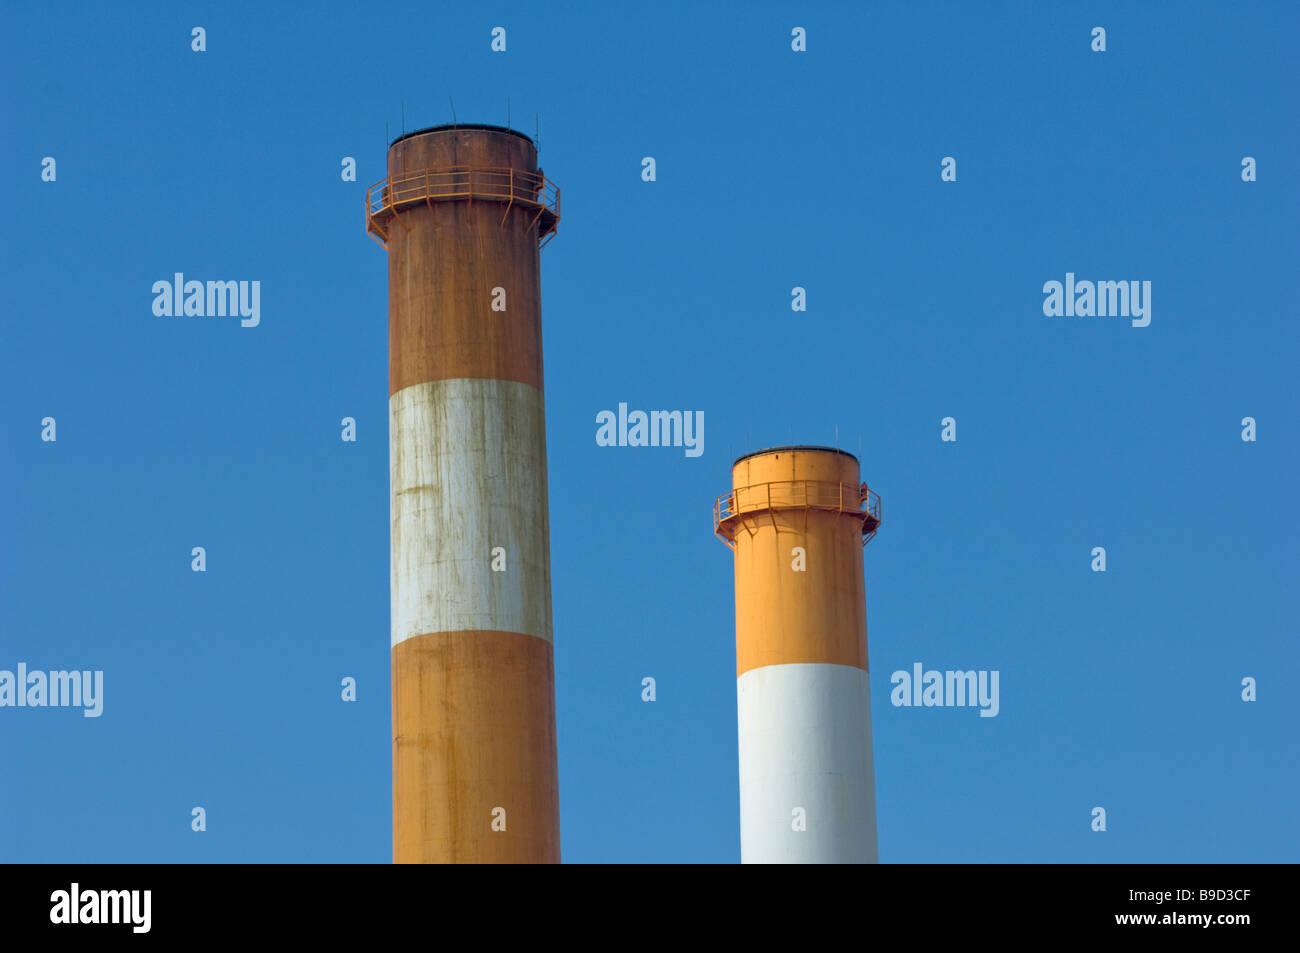 La chimenea de la contaminación la calidad del aire limpio cielo sucio. Imagen De Stock